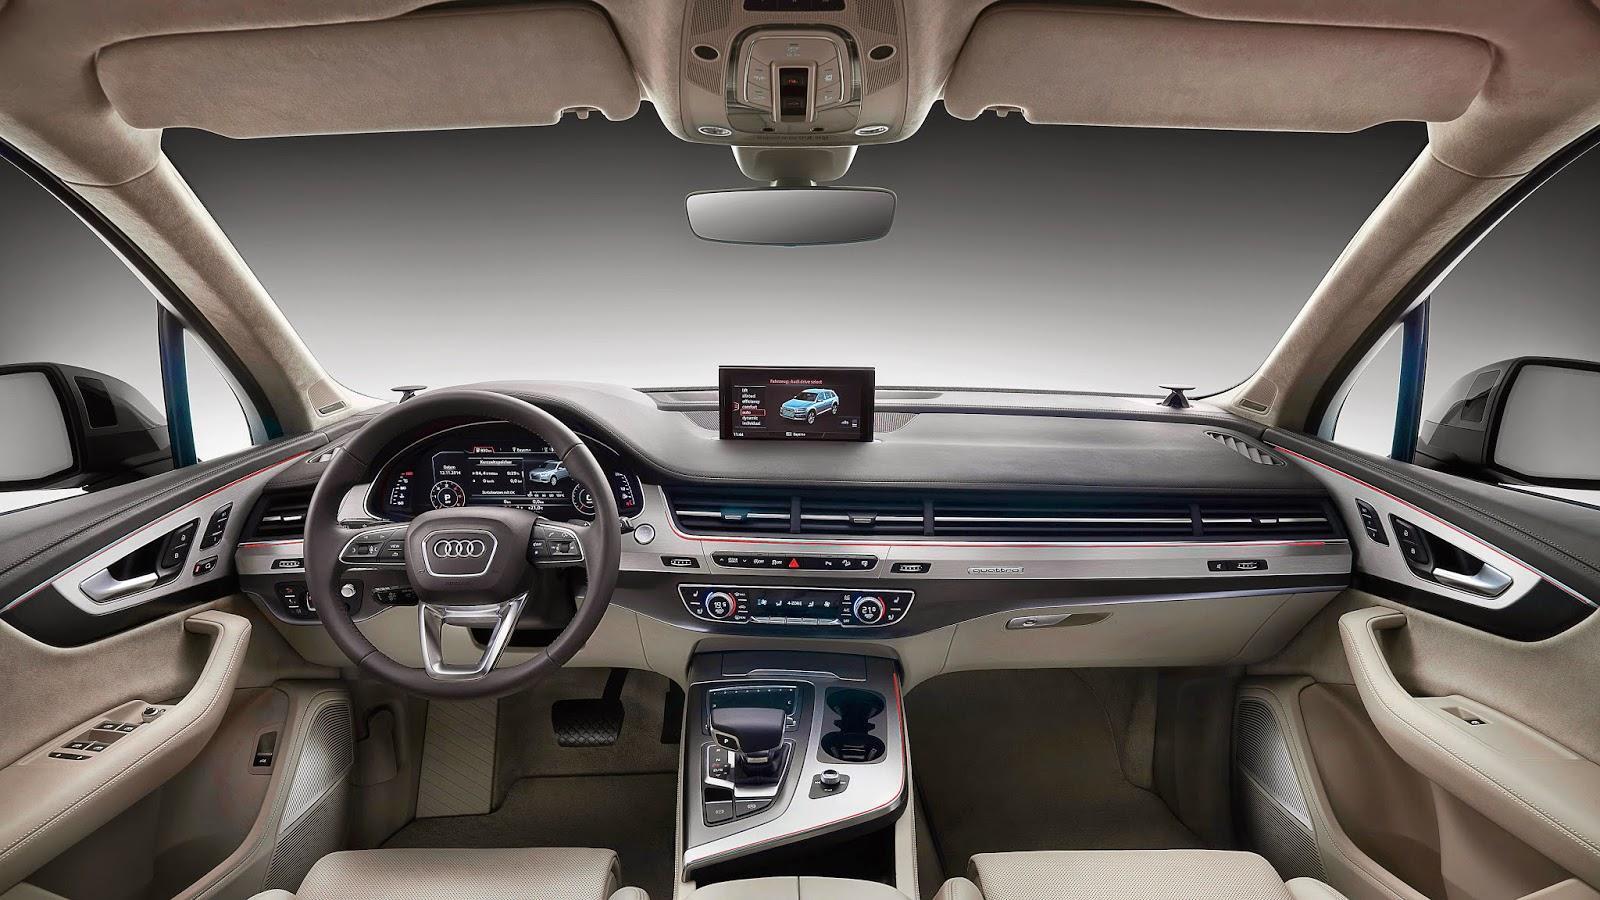 04zREVEALED 2016 Audi Q7